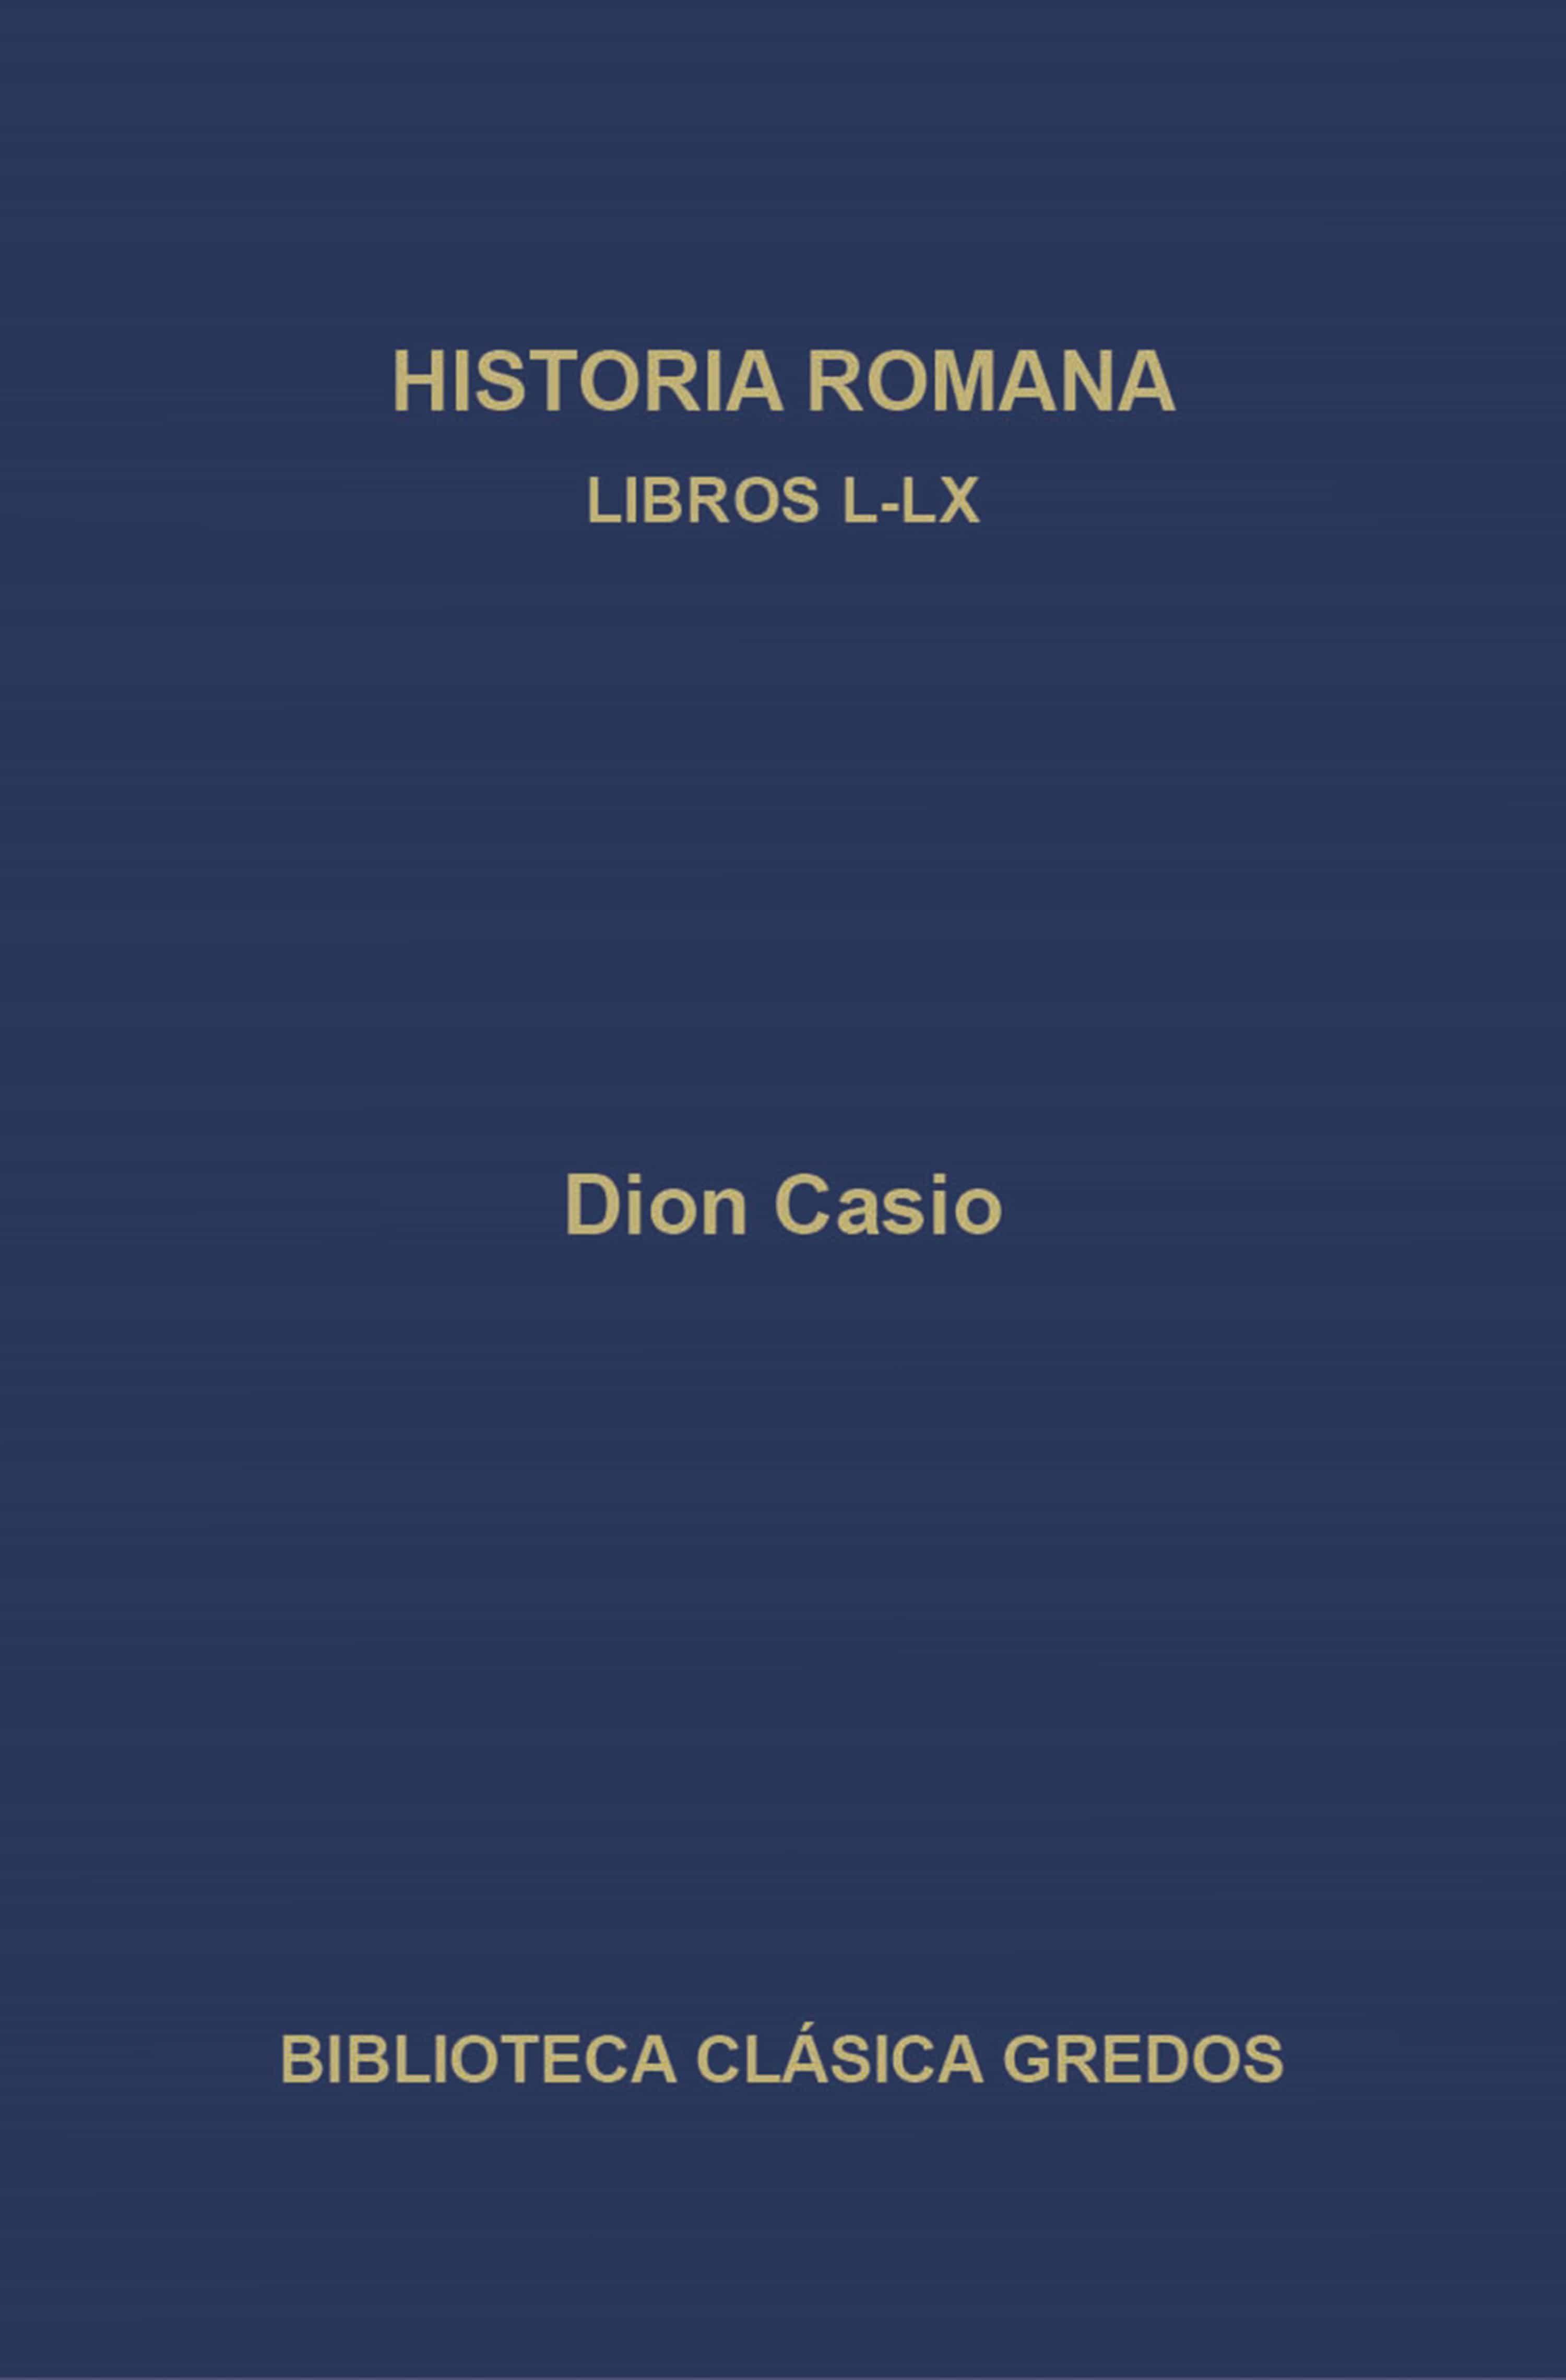 Historia Romana. Libros L-lx   por Dion Casio